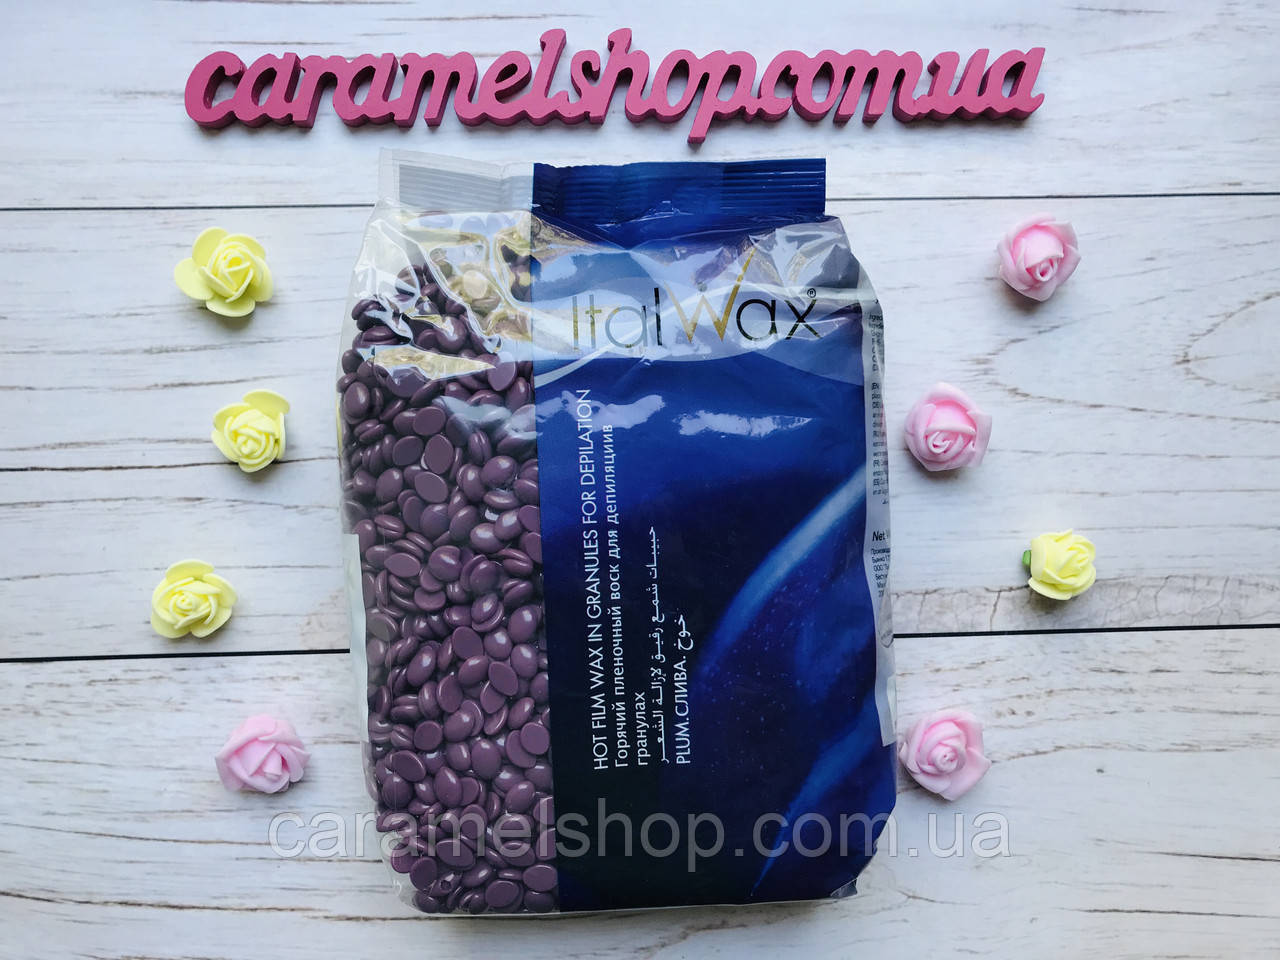 Воск для депиляции пленочный горячий в гранулах ItalWax, 1000 г - слива фиолетовый plum